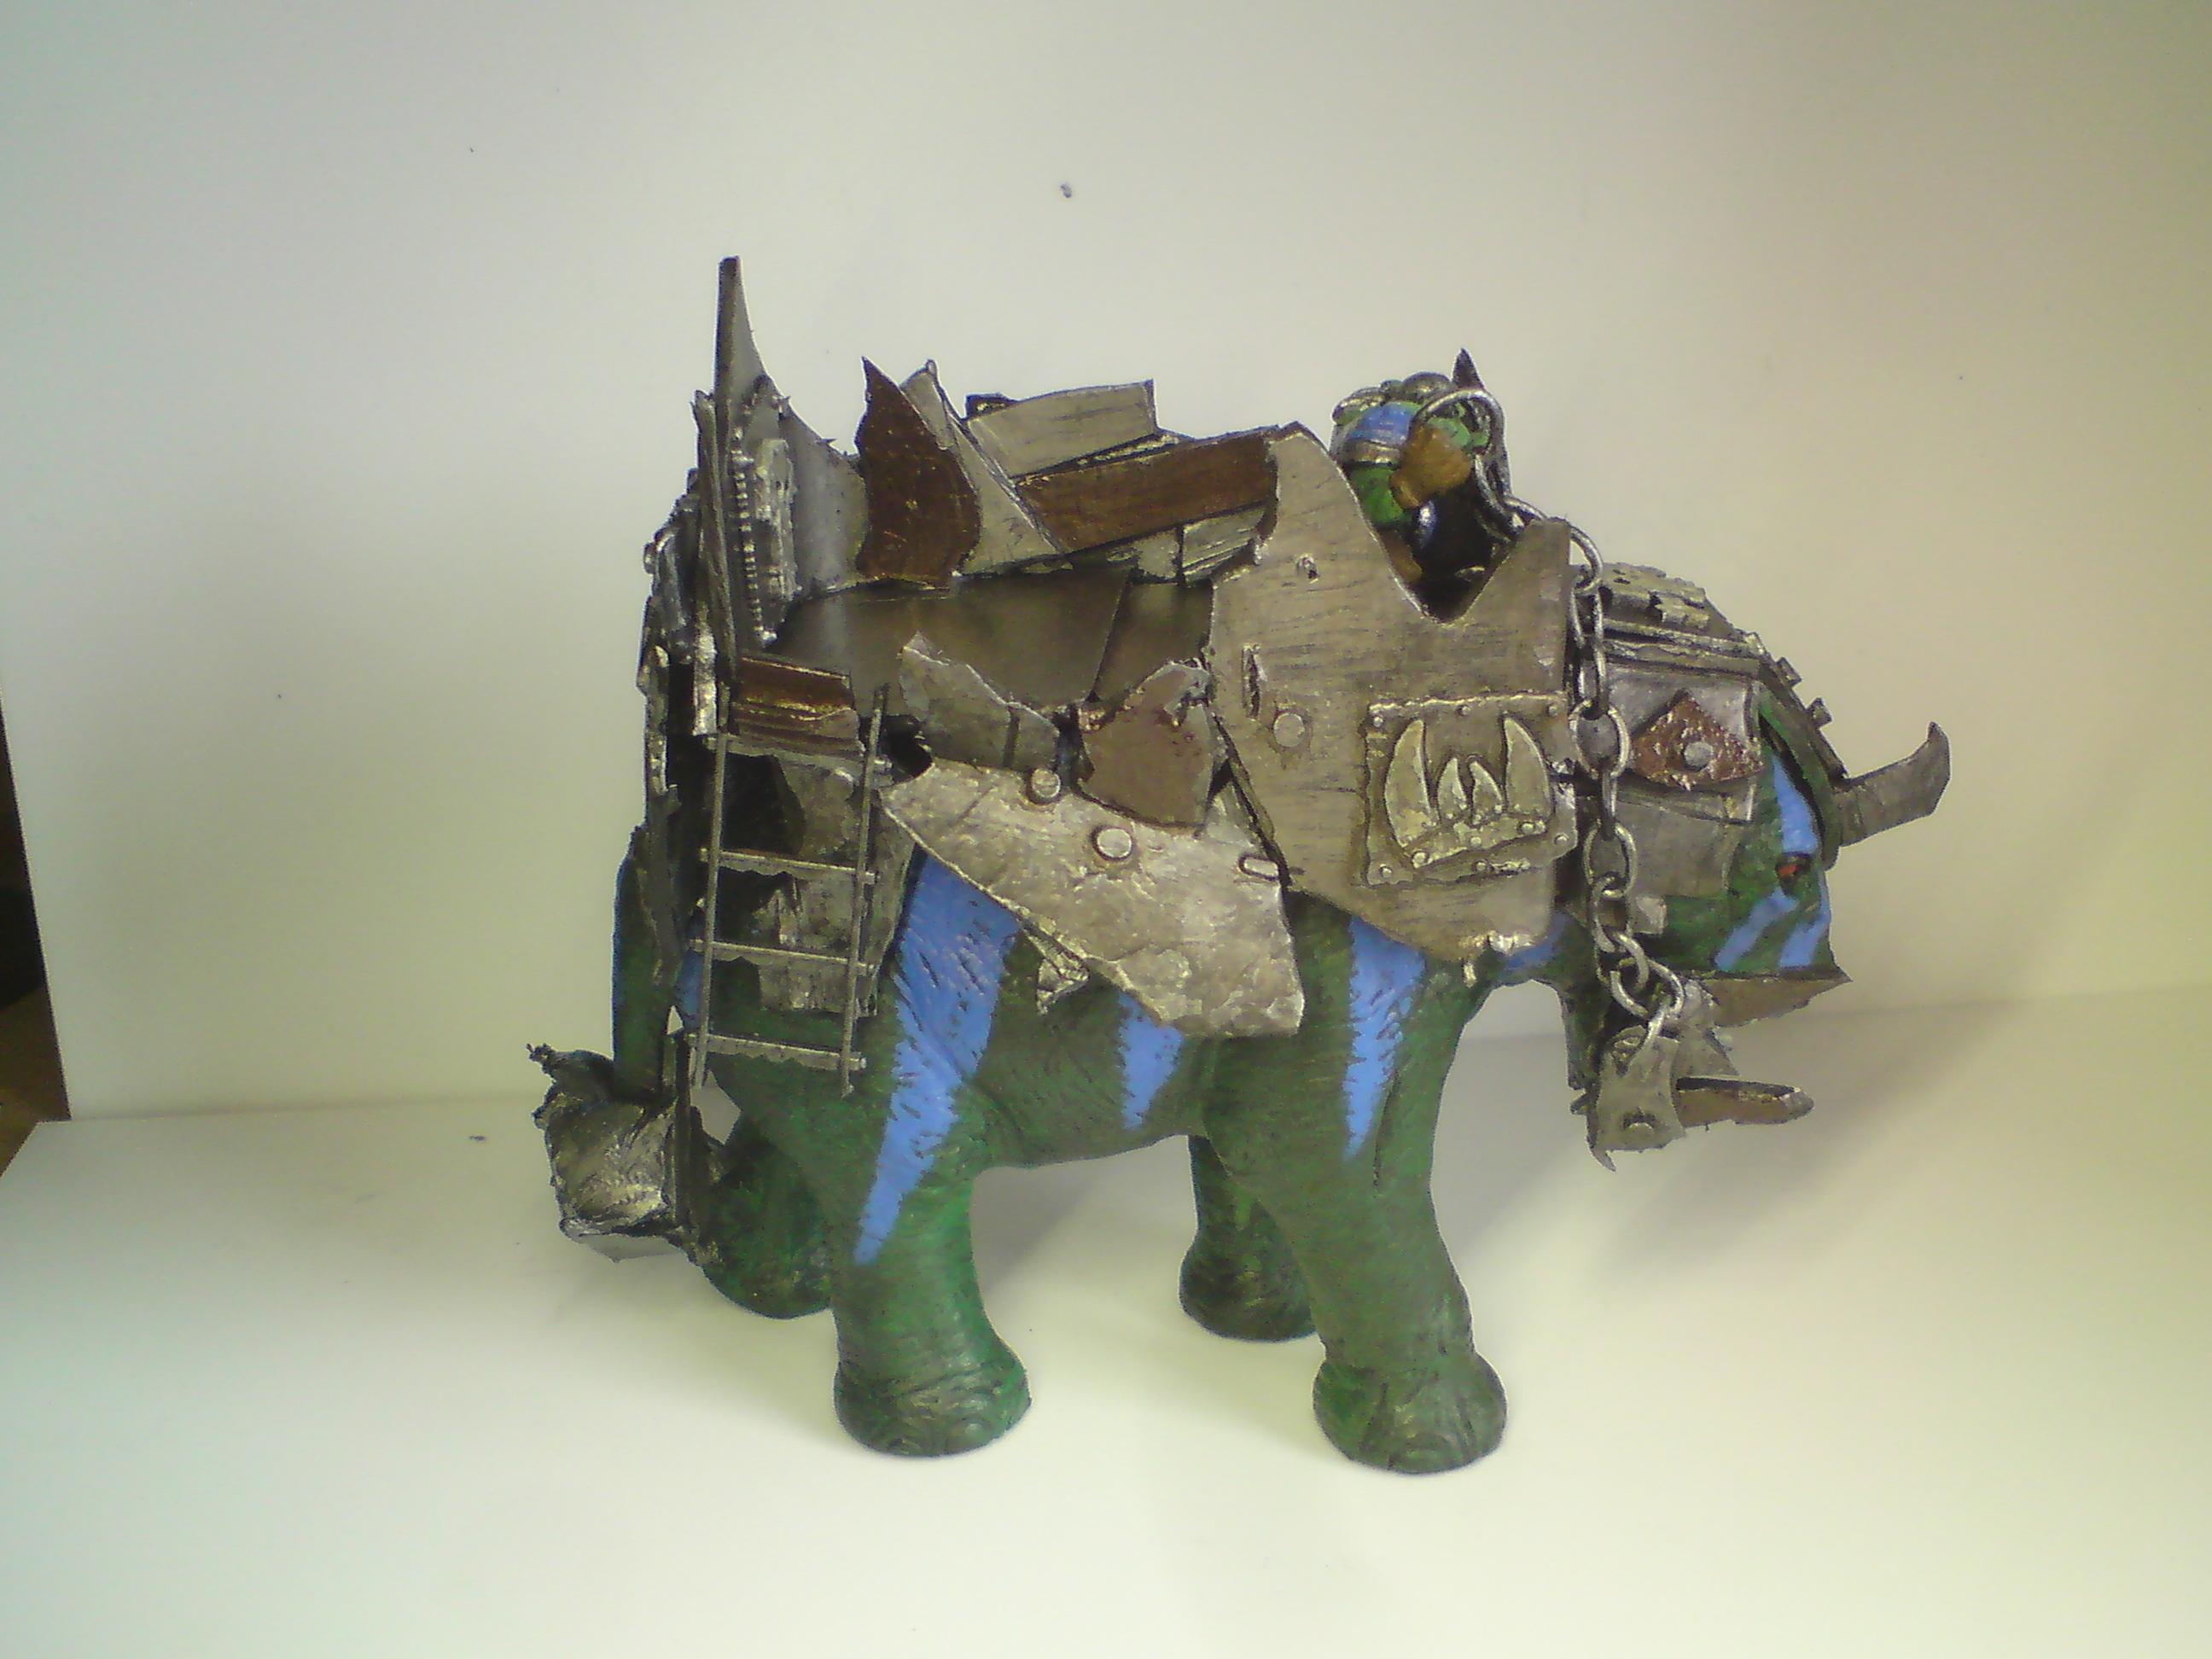 Deathskulls, Looting, Marine Abuse, Ork Deathskulls, Orks, Warhammer 40,000